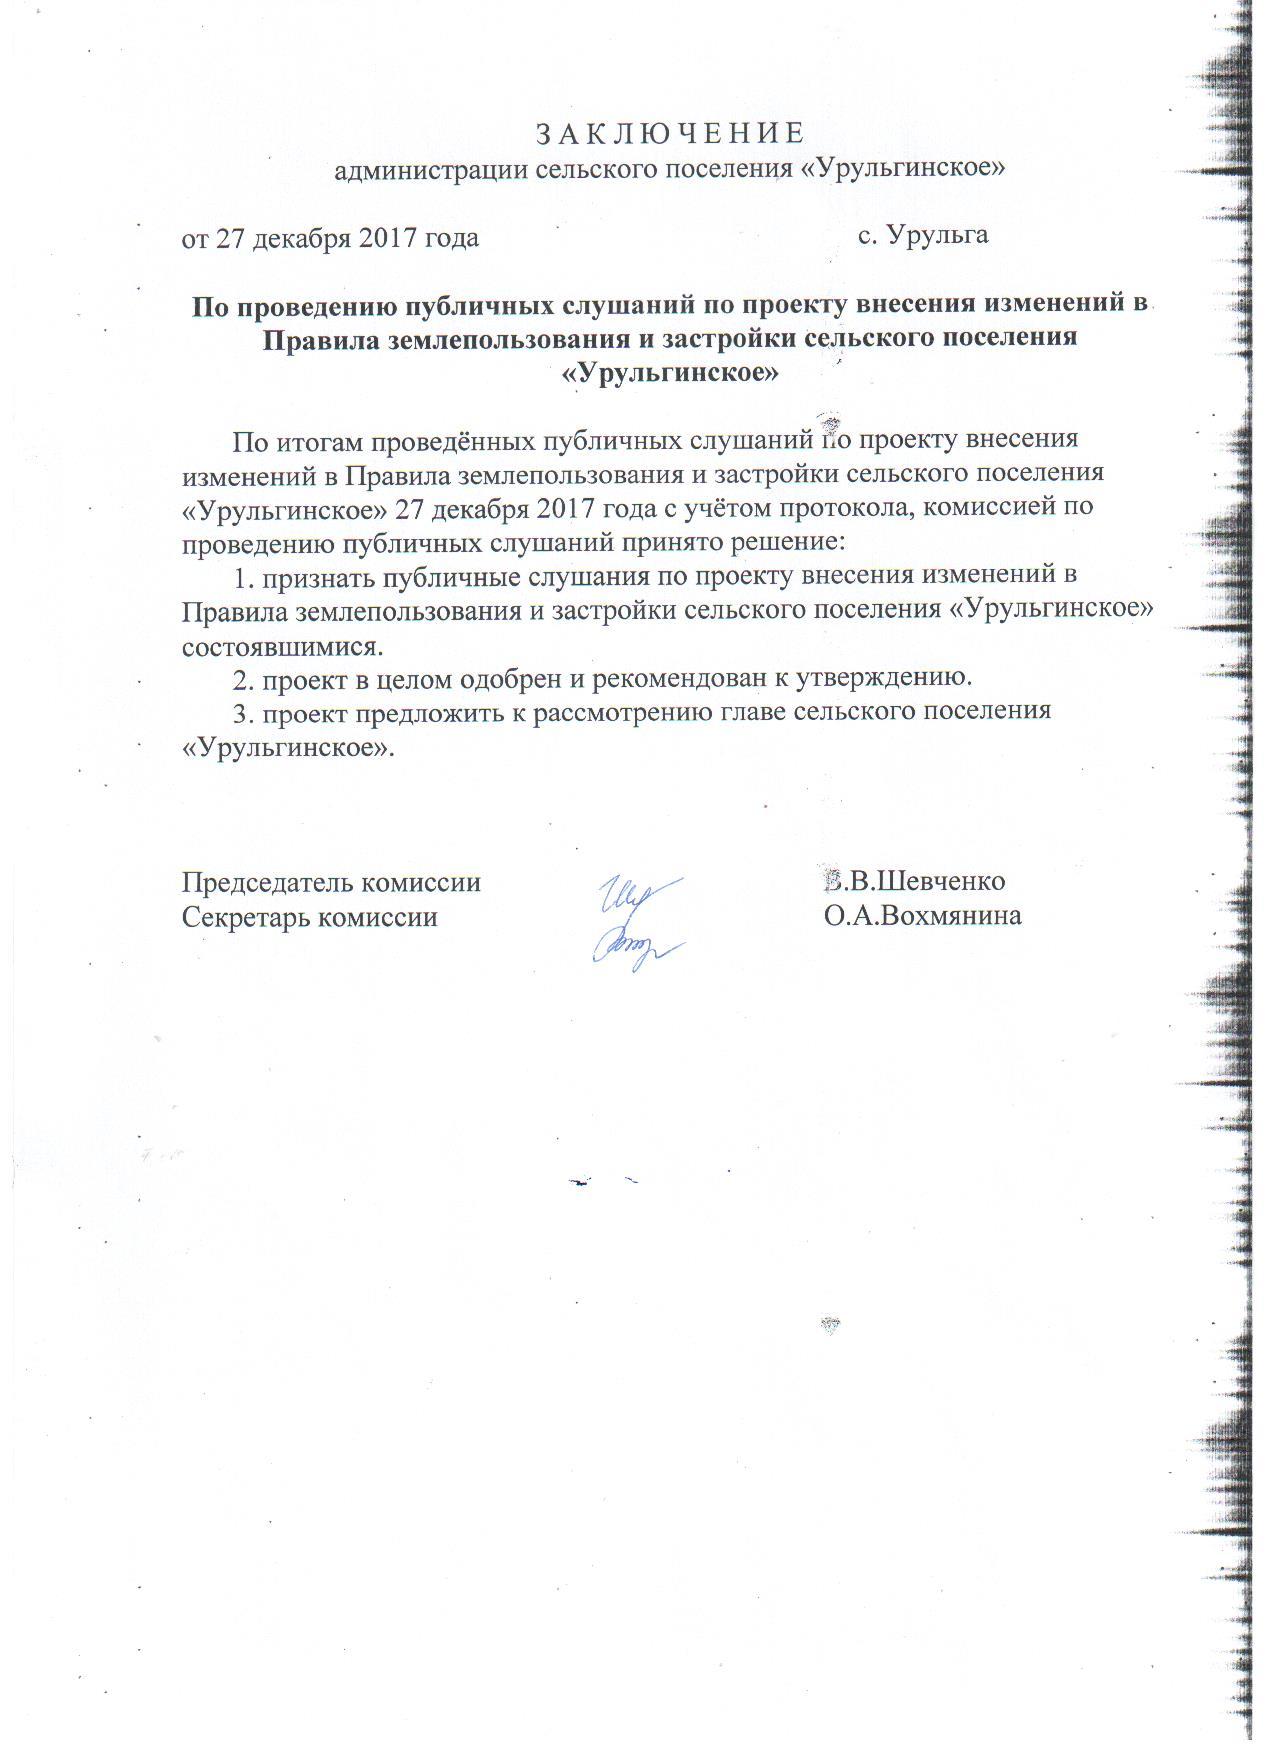 Заключение о публ. слуш сп Урульгинское